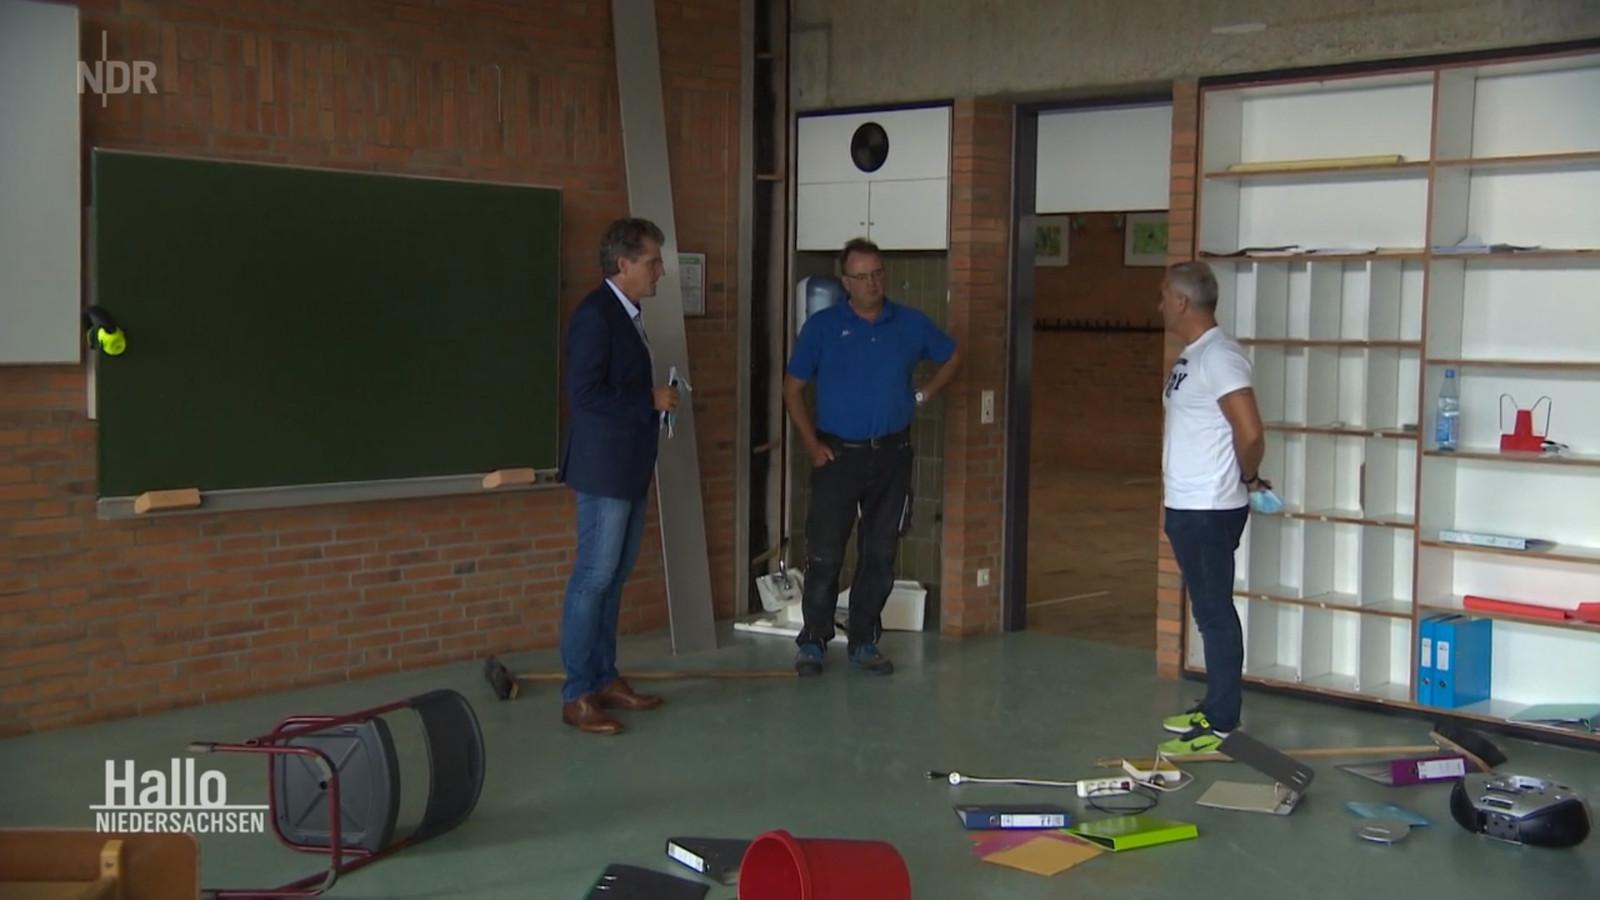 Onder andere burgemeester Guido Halfter (links) en conciërge Thomas Tautz (midden) komen de schade bekijken die de drie jongens hebben aangericht.